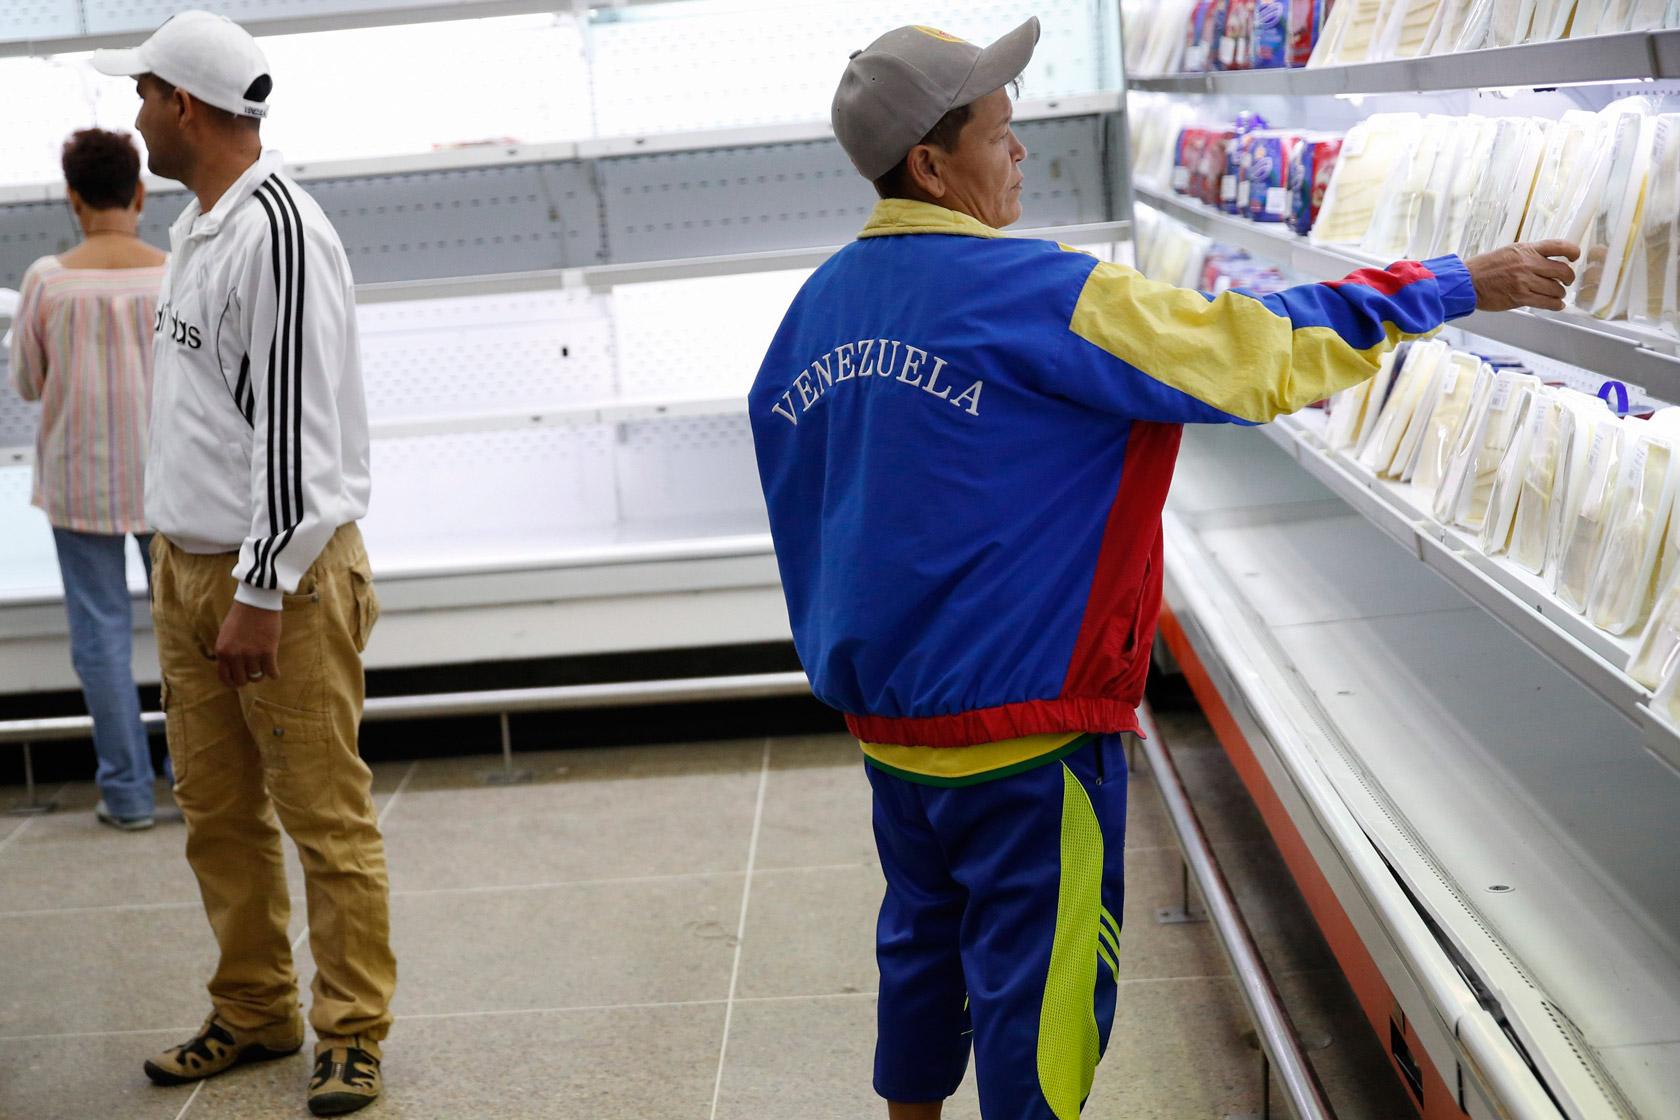 委內瑞拉物資短缺,國營超市的貨架空空如也,但政府堅拒外國援助。圖片來源:路透社